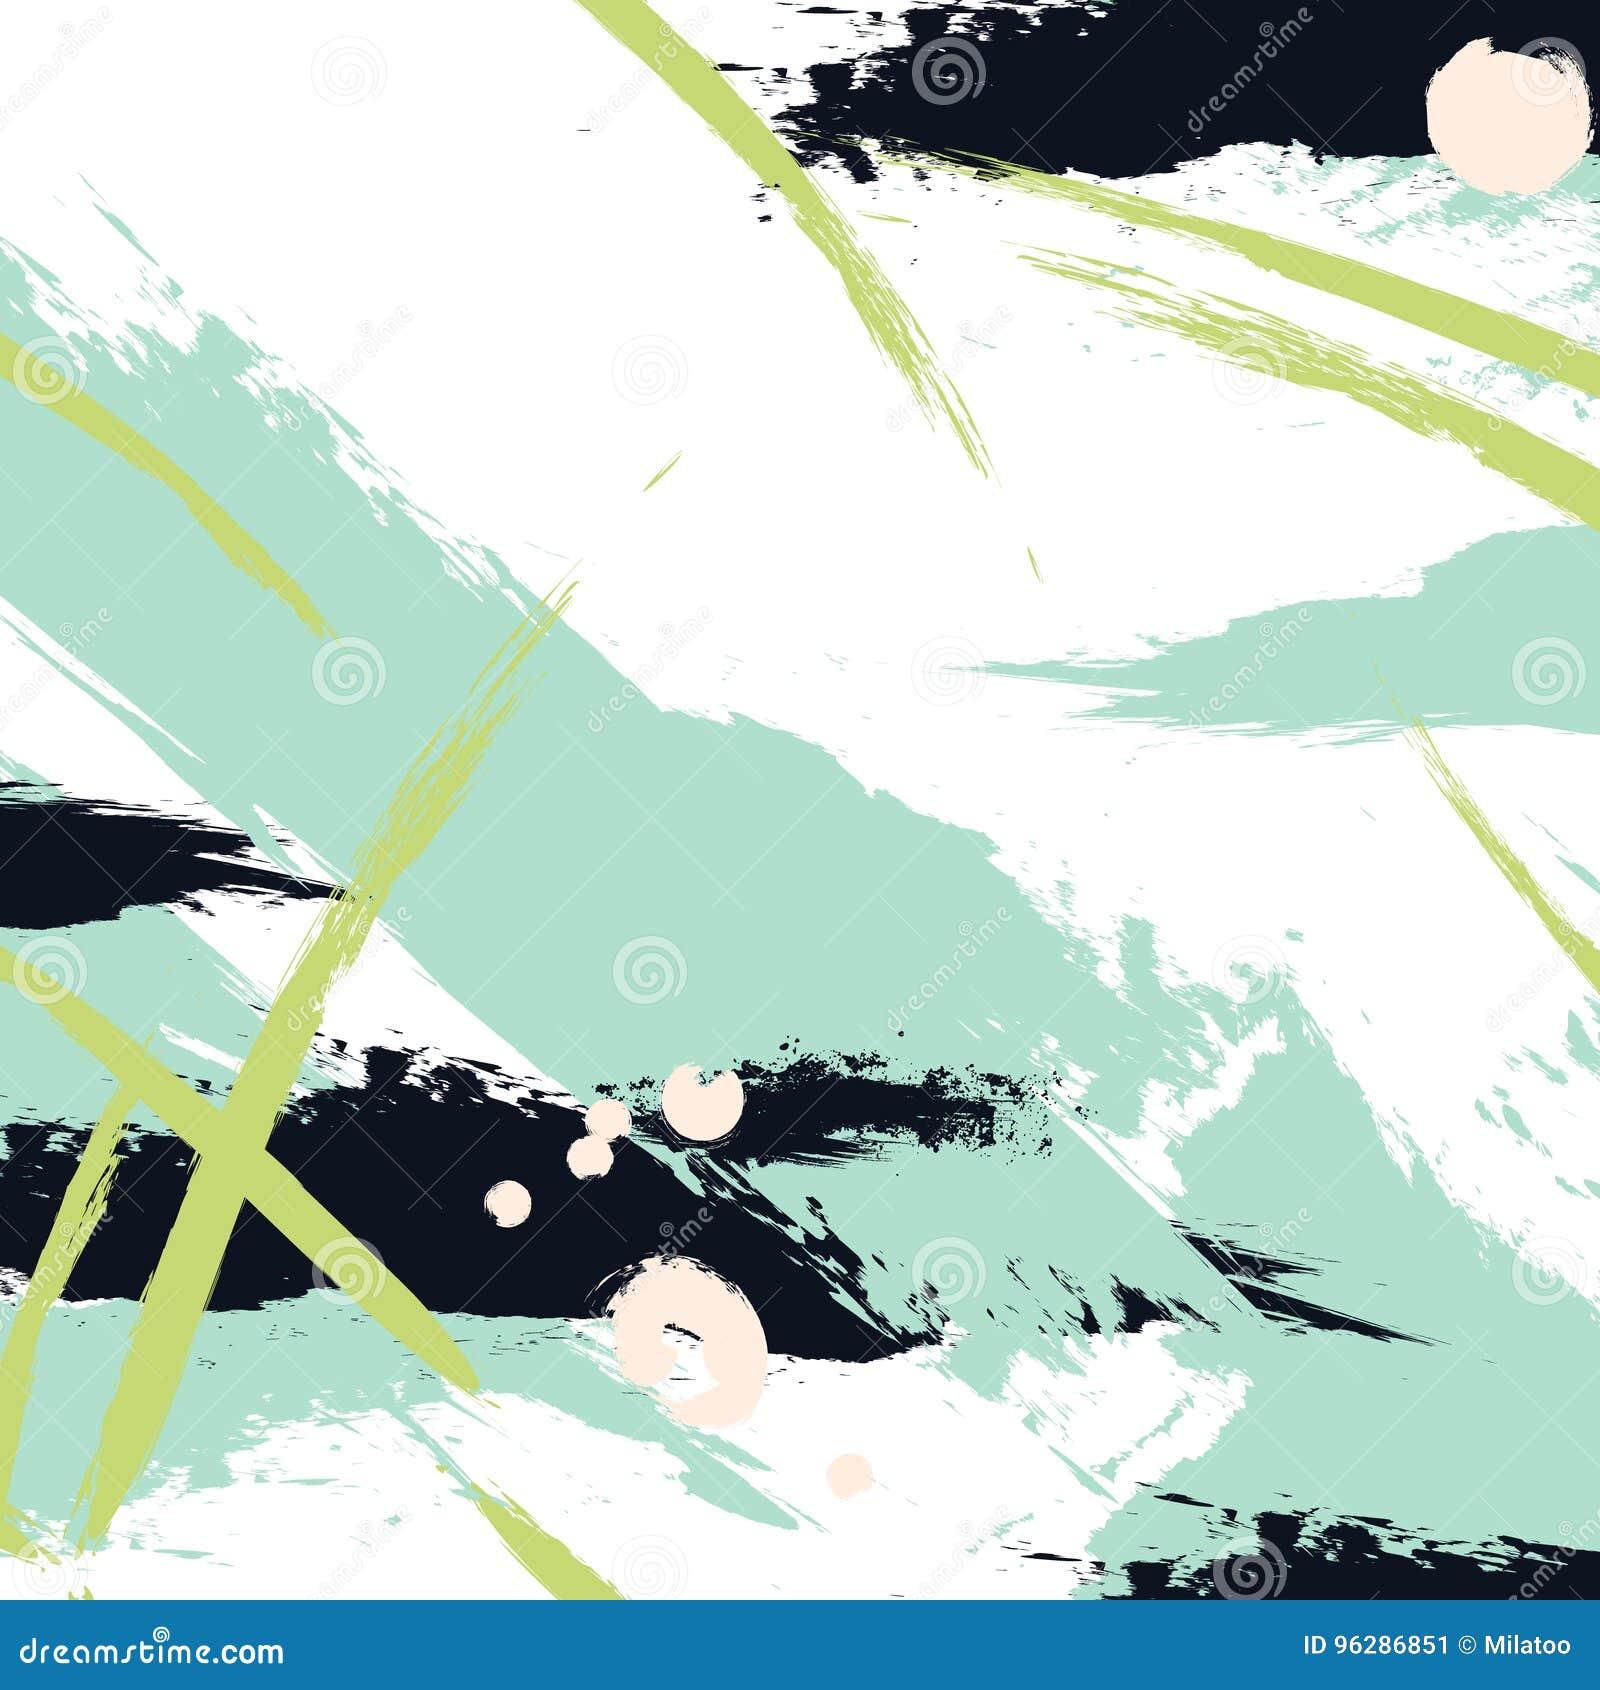 De vectorverf van de borstelslag in groene marinekleuren Abstracte creatieve acryl verse slagplons Ploeter achtergrond